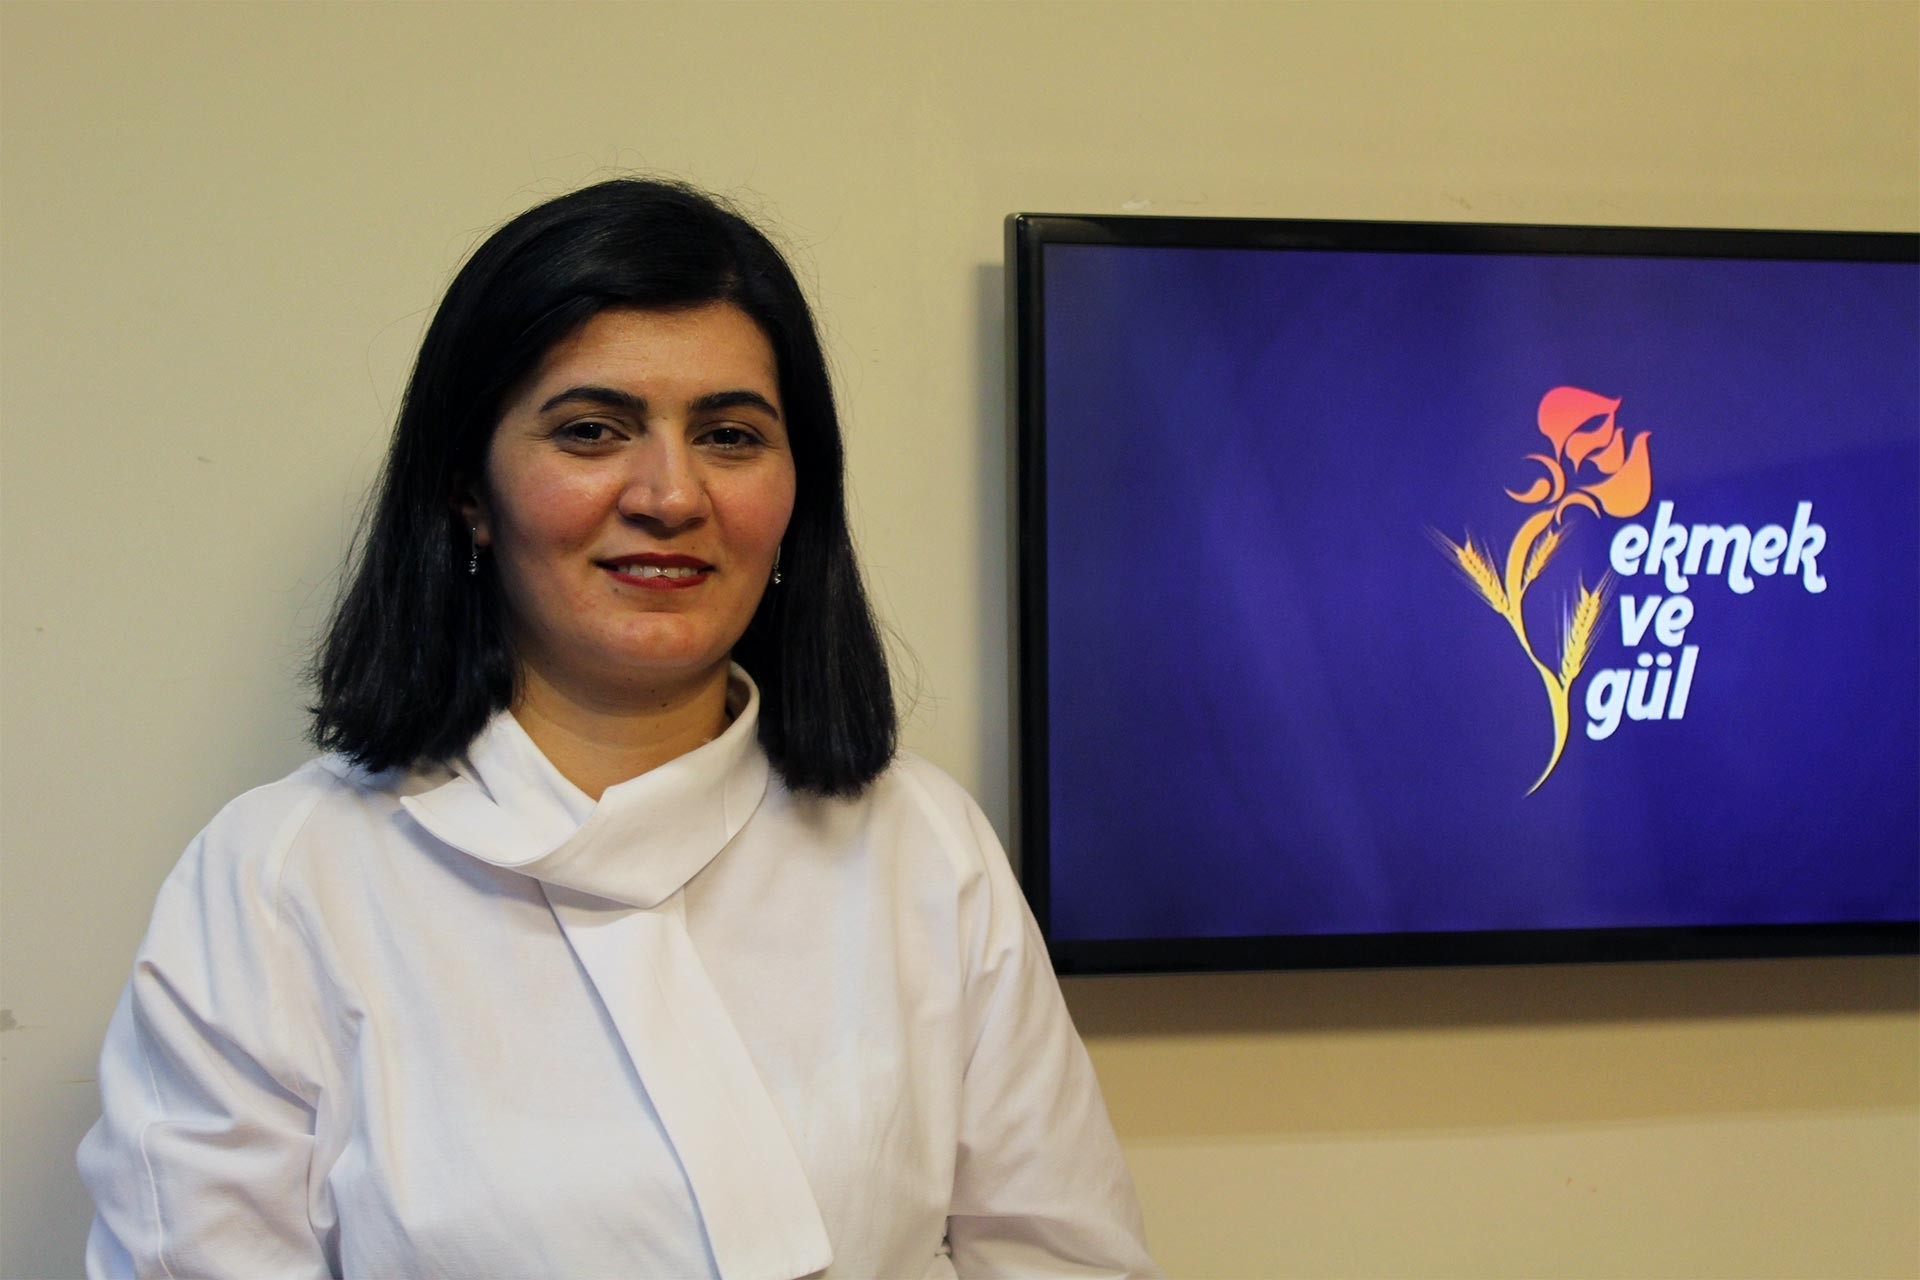 Avukat Yelda Koçak'ın Ekmek ve Gül logosu önünde verdiği pozu